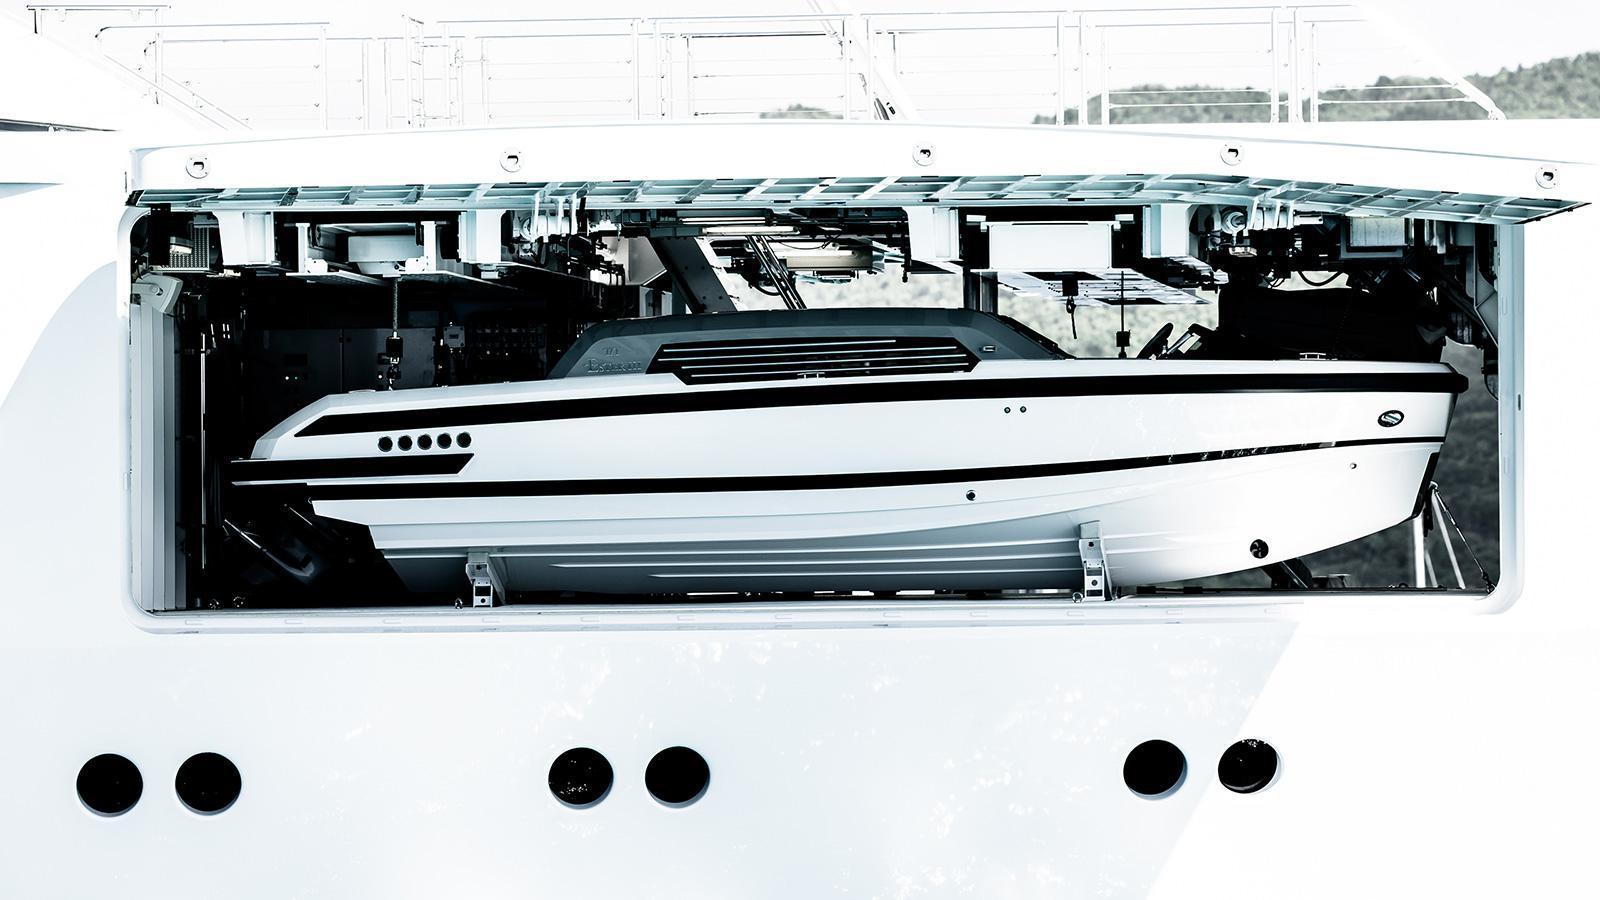 iroquois ester iii motor yacht lurssen 2014 66m tender garage